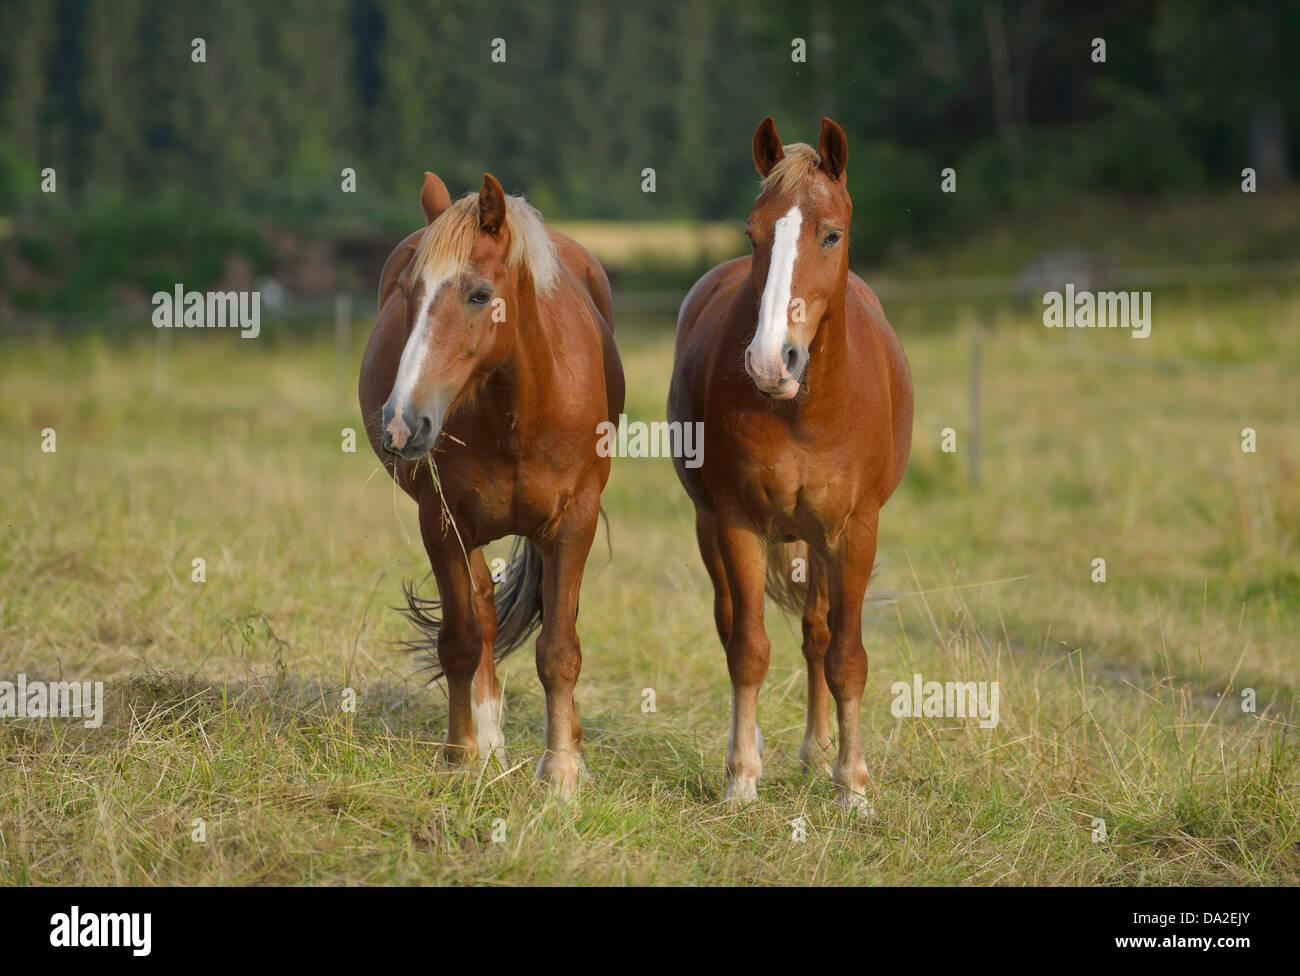 Domestic horses (Equus ferus caballus), Munsö, Sweden - Stock Image